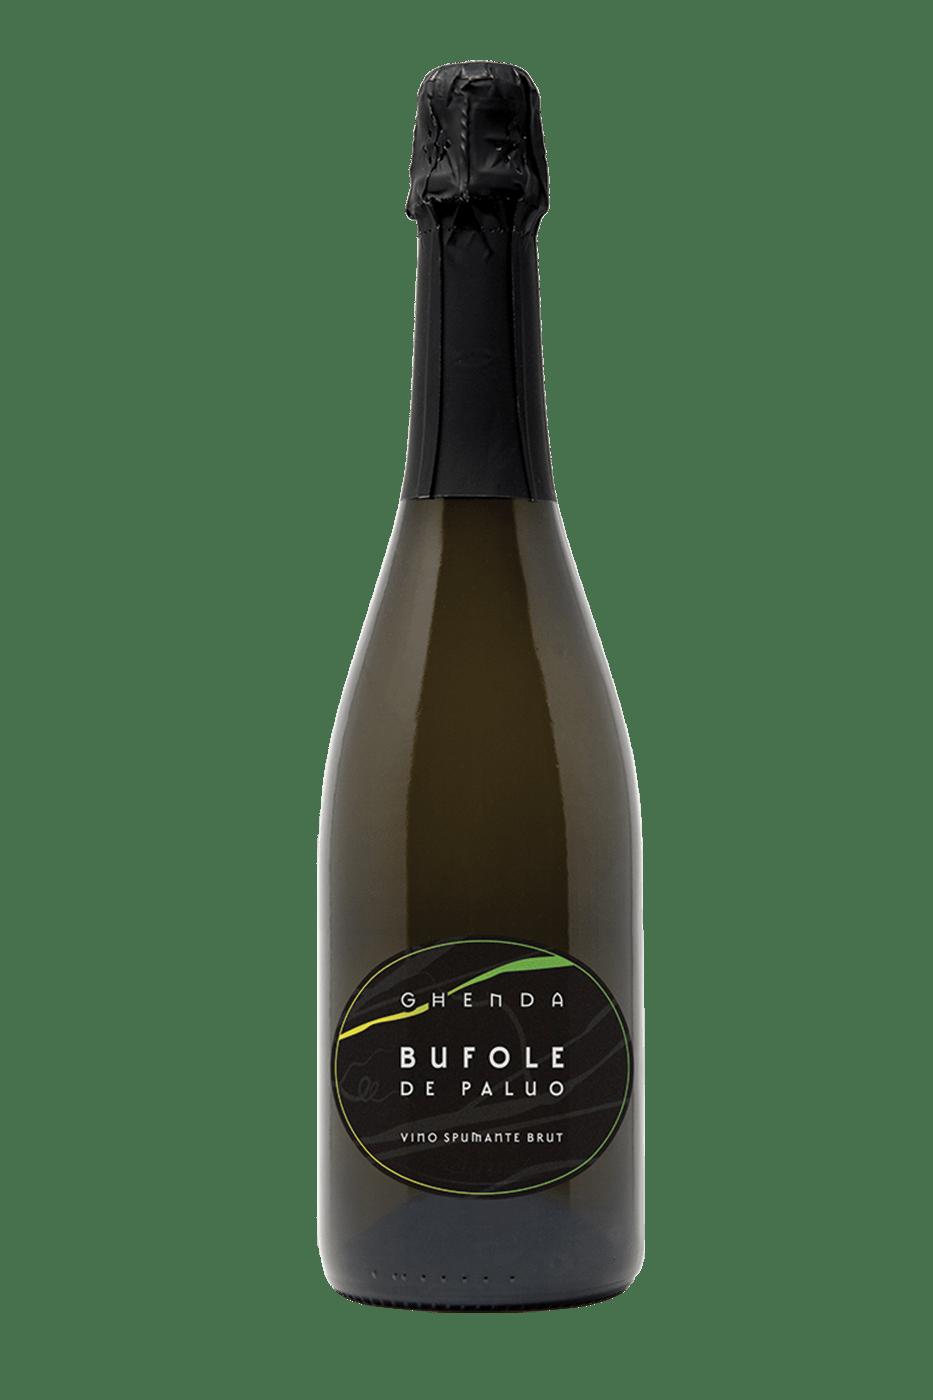 Vino Bianco Frizzante Ghenda Bufole de Paluo Marano Lagunare